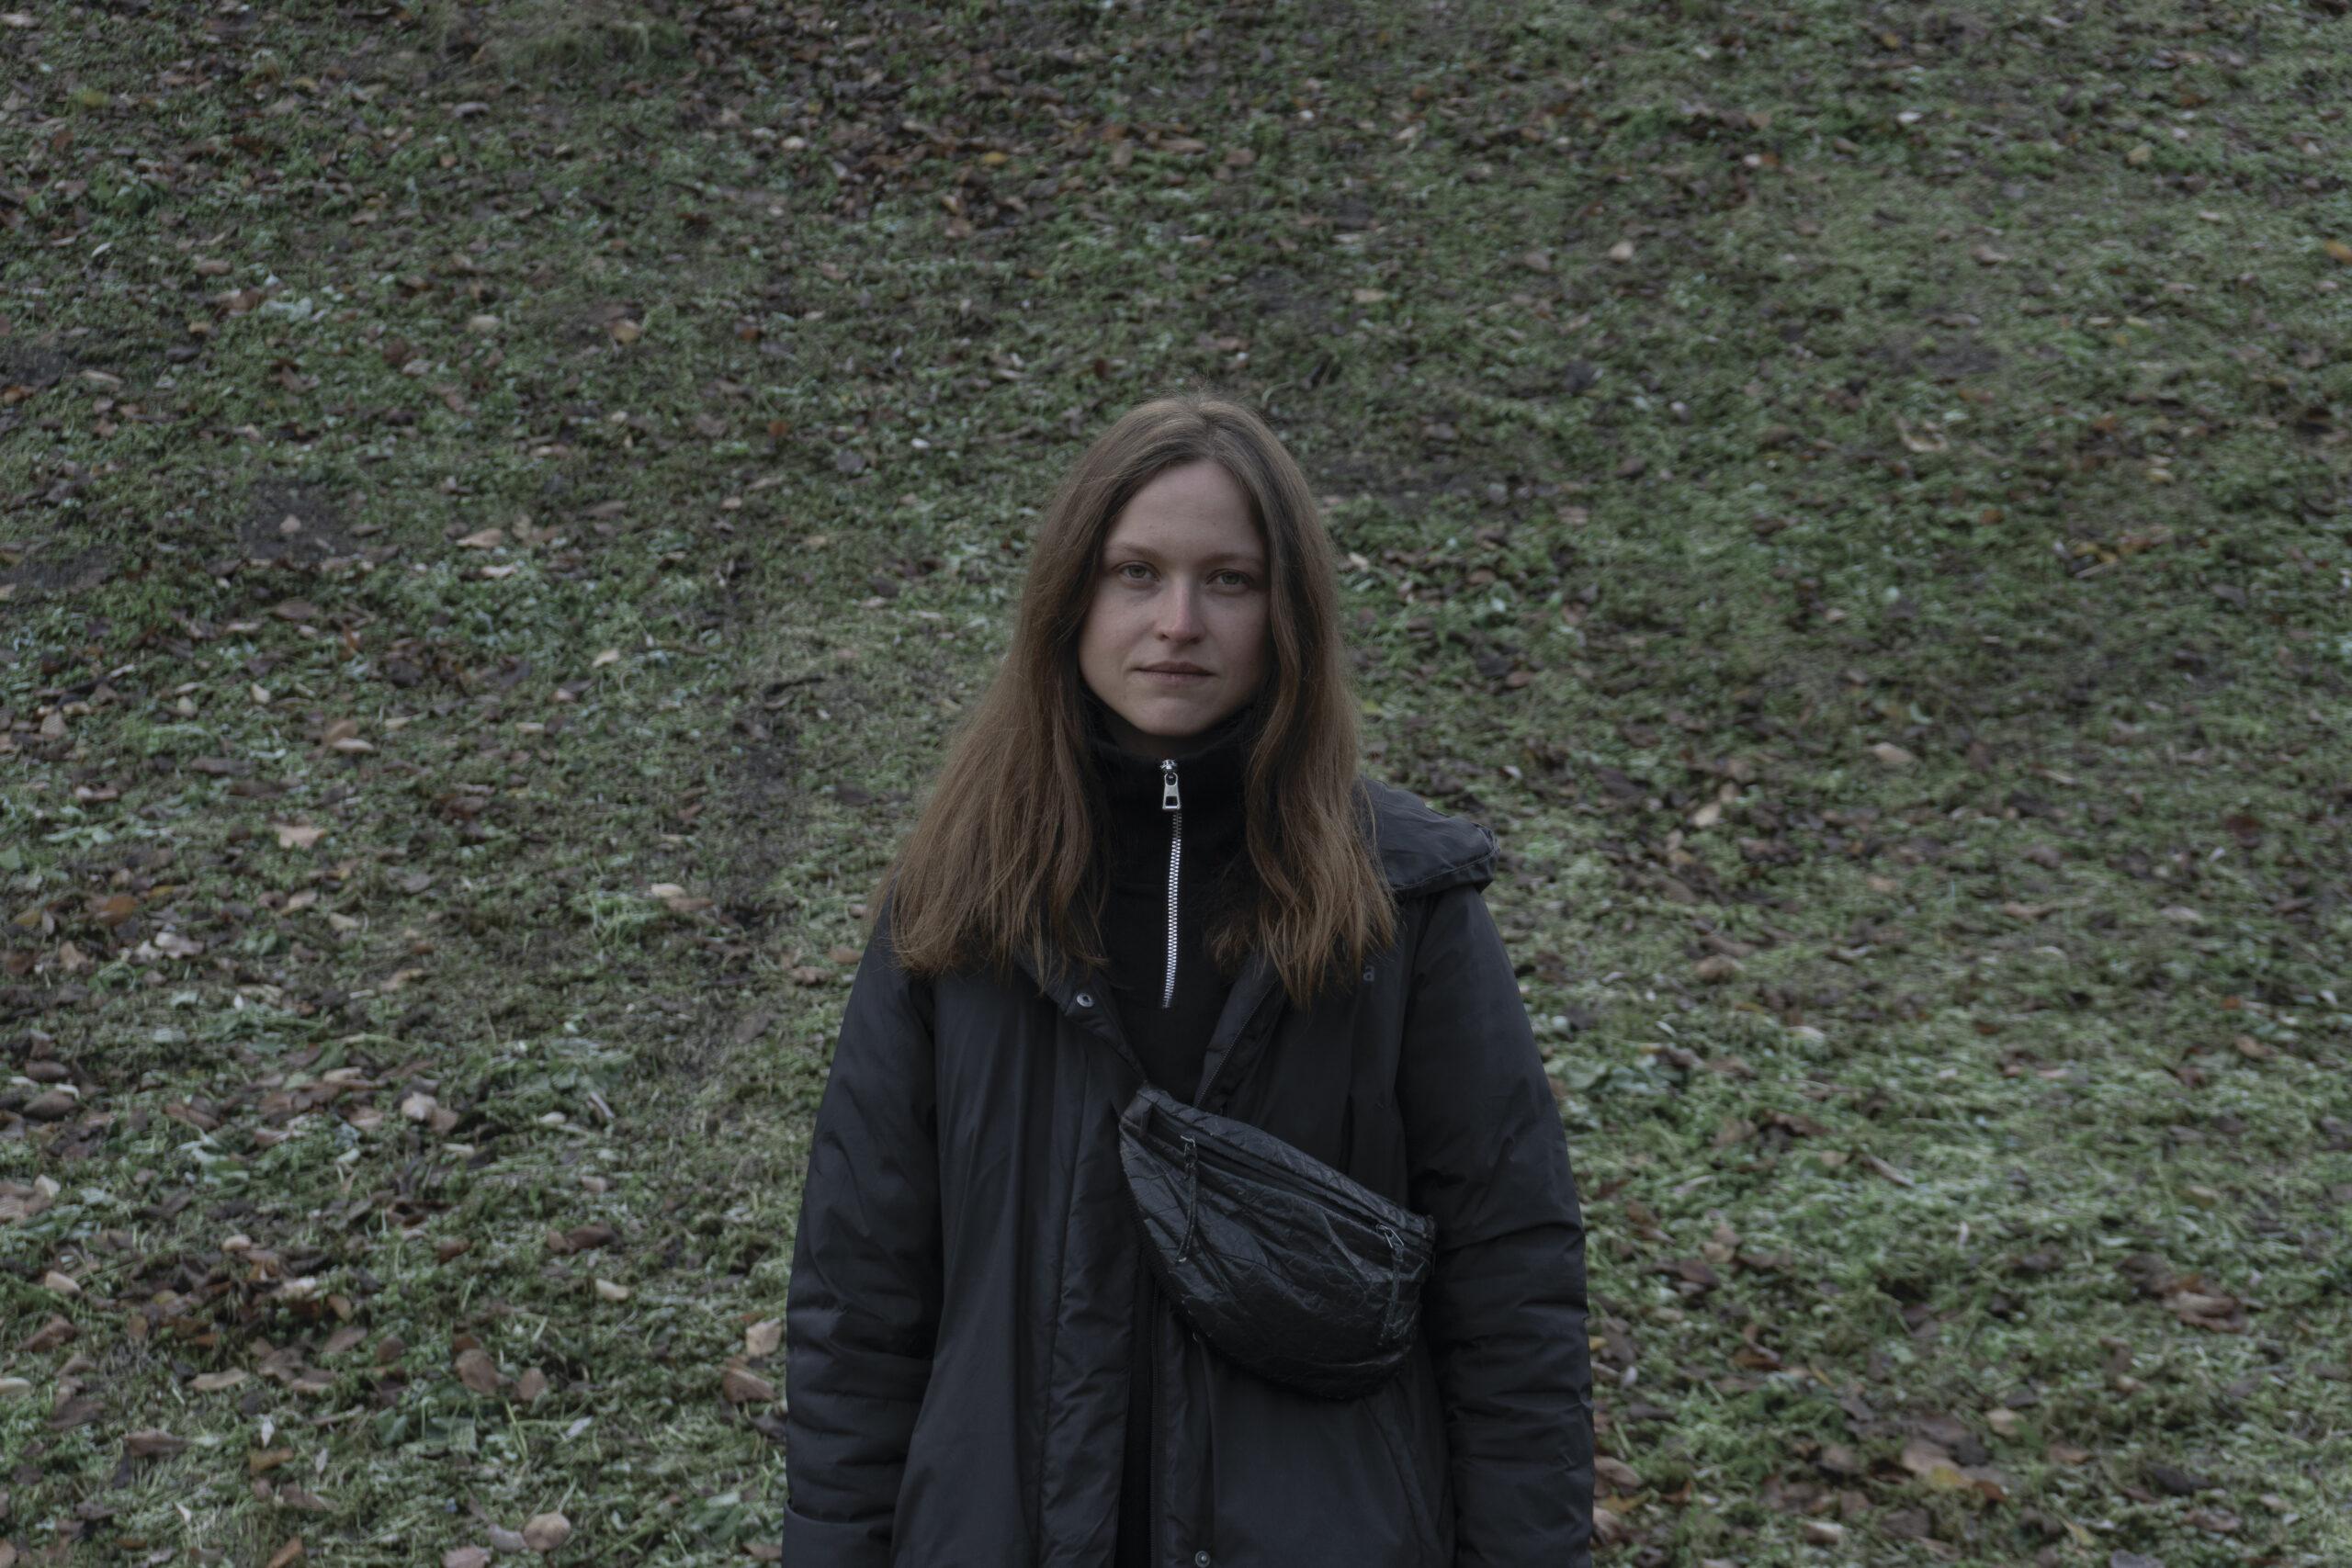 Аліна Горлова. Фото: Поліна Полікарпова